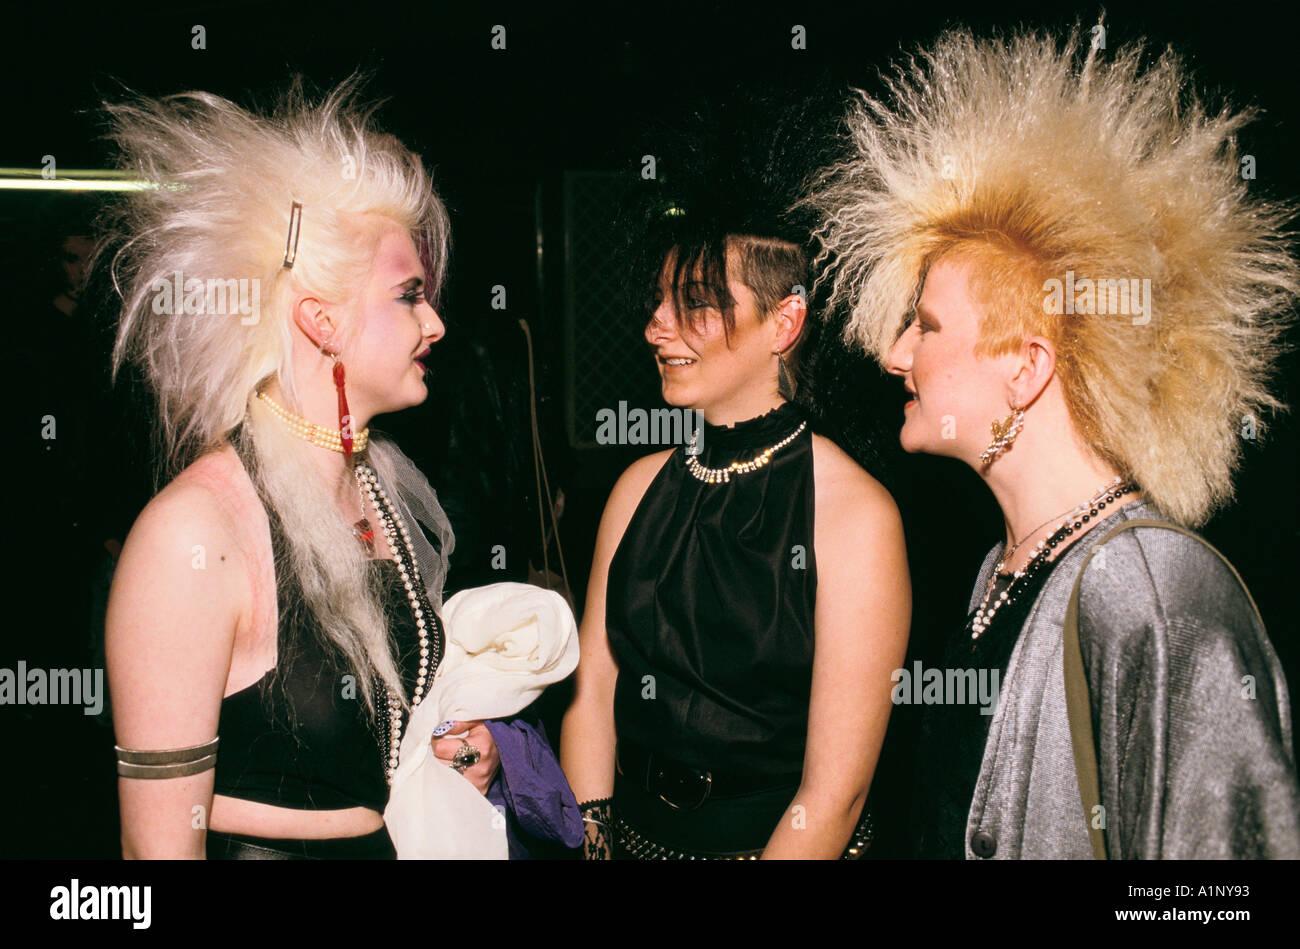 Los nuevos románticos culto de jóvenes seguidores de la banda de pop Sigue Sigue Sputnik 1980 80s UK HOMER SYKES Imagen De Stock